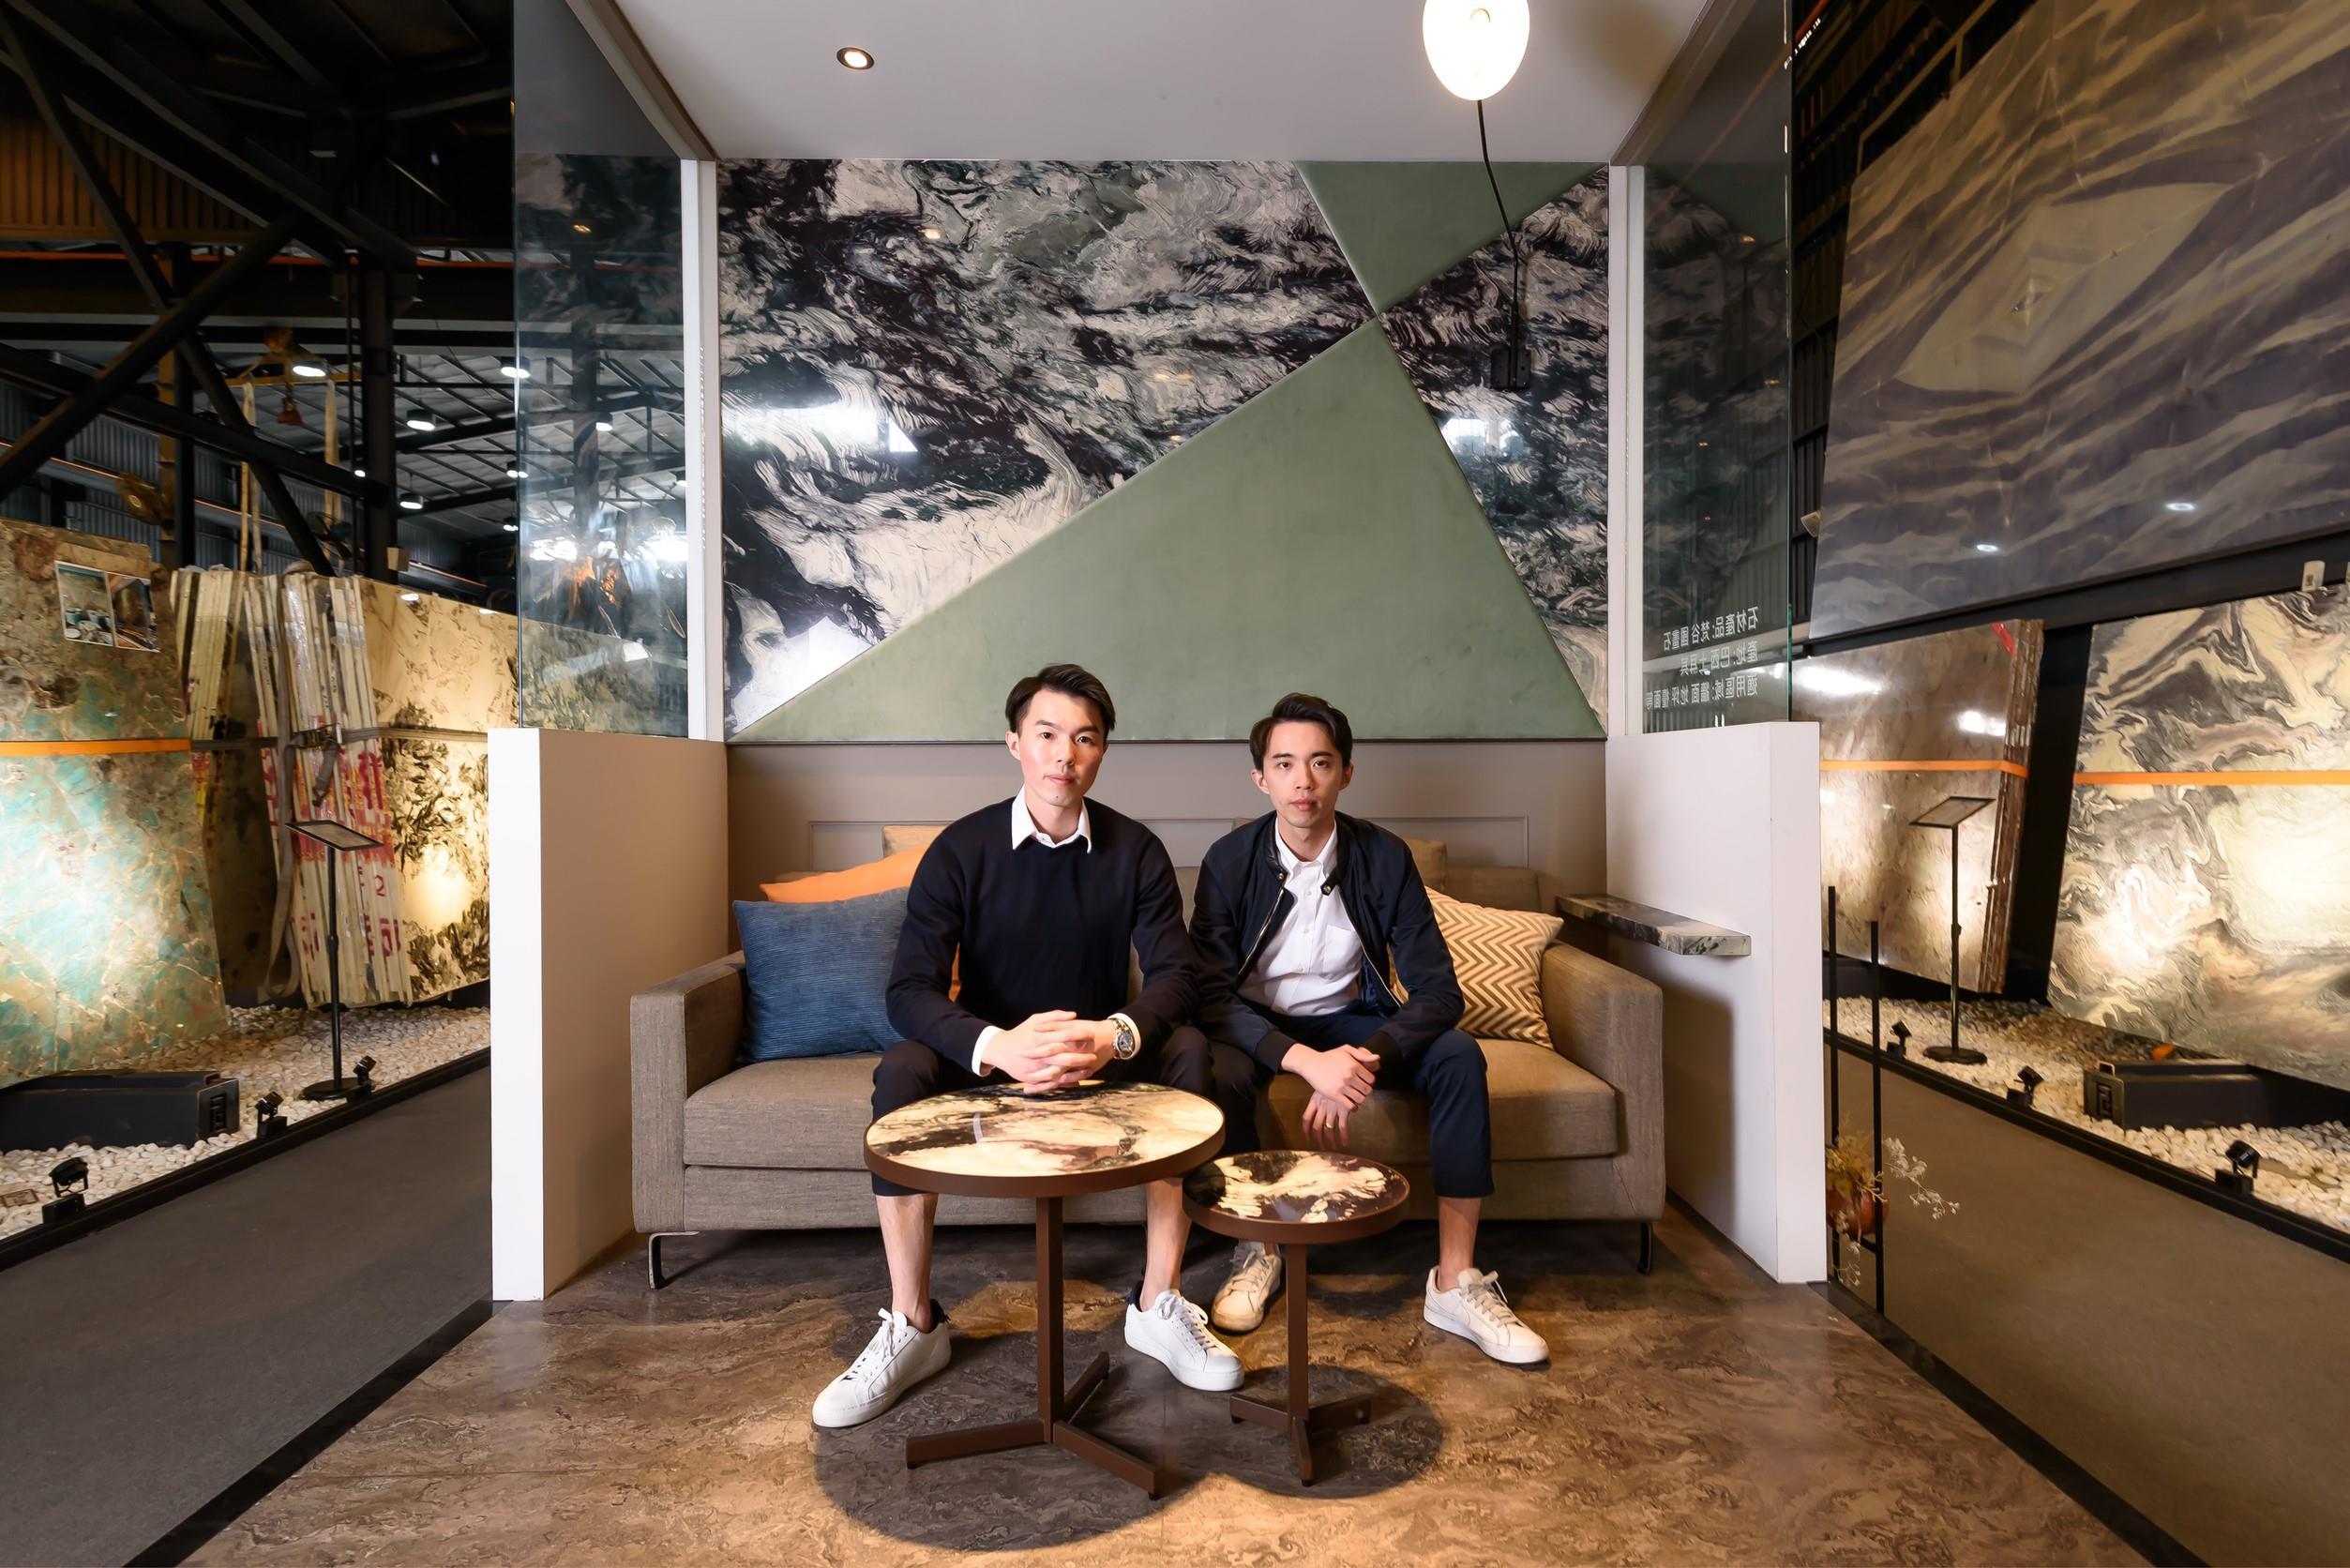 「豐聖」獨創大理石新美學  打造屋宅當代時尚